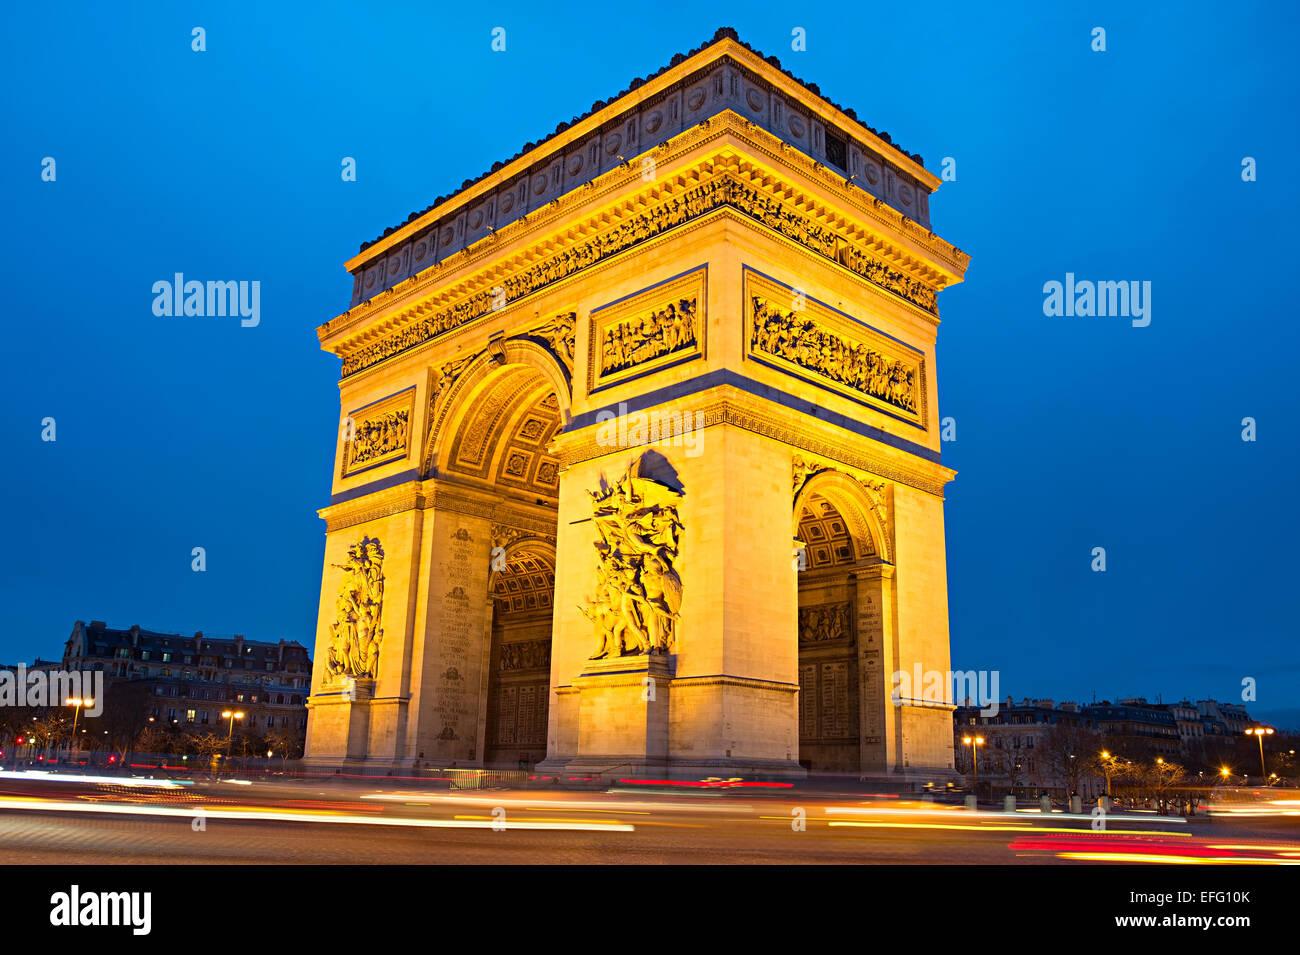 The Triumphal Arch (Arc de Triomphe) on Place Charles de Gaulle in Paris, France. - Stock Image